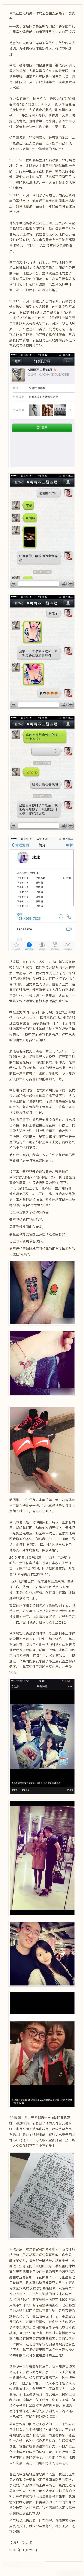 疑姜至鹏妻子实名控诉 婚内出轨为小3挥霍千万  低级失误有原因 - yuhongbo555888 - yuhongbo555888的博客